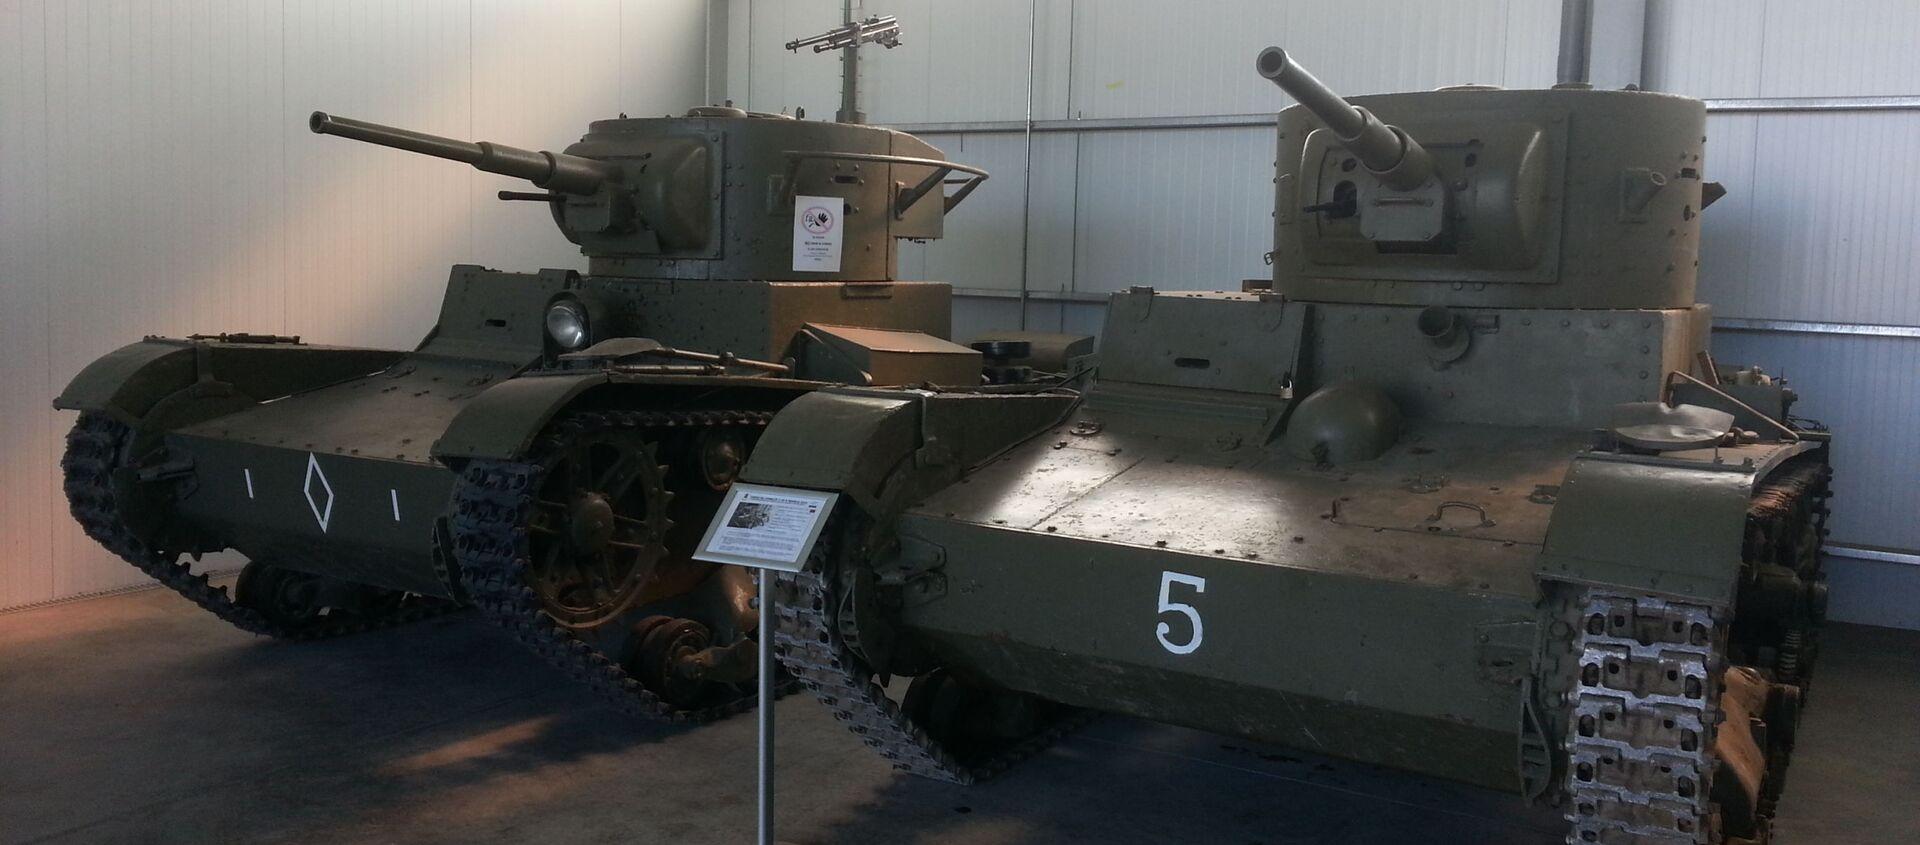 Танки Т-26, на которых воевали в Испании советские и республиканские танкисты, в экспозиции музея Эль-Голосо под Мадридом - Sputnik Latvija, 1920, 08.05.2020